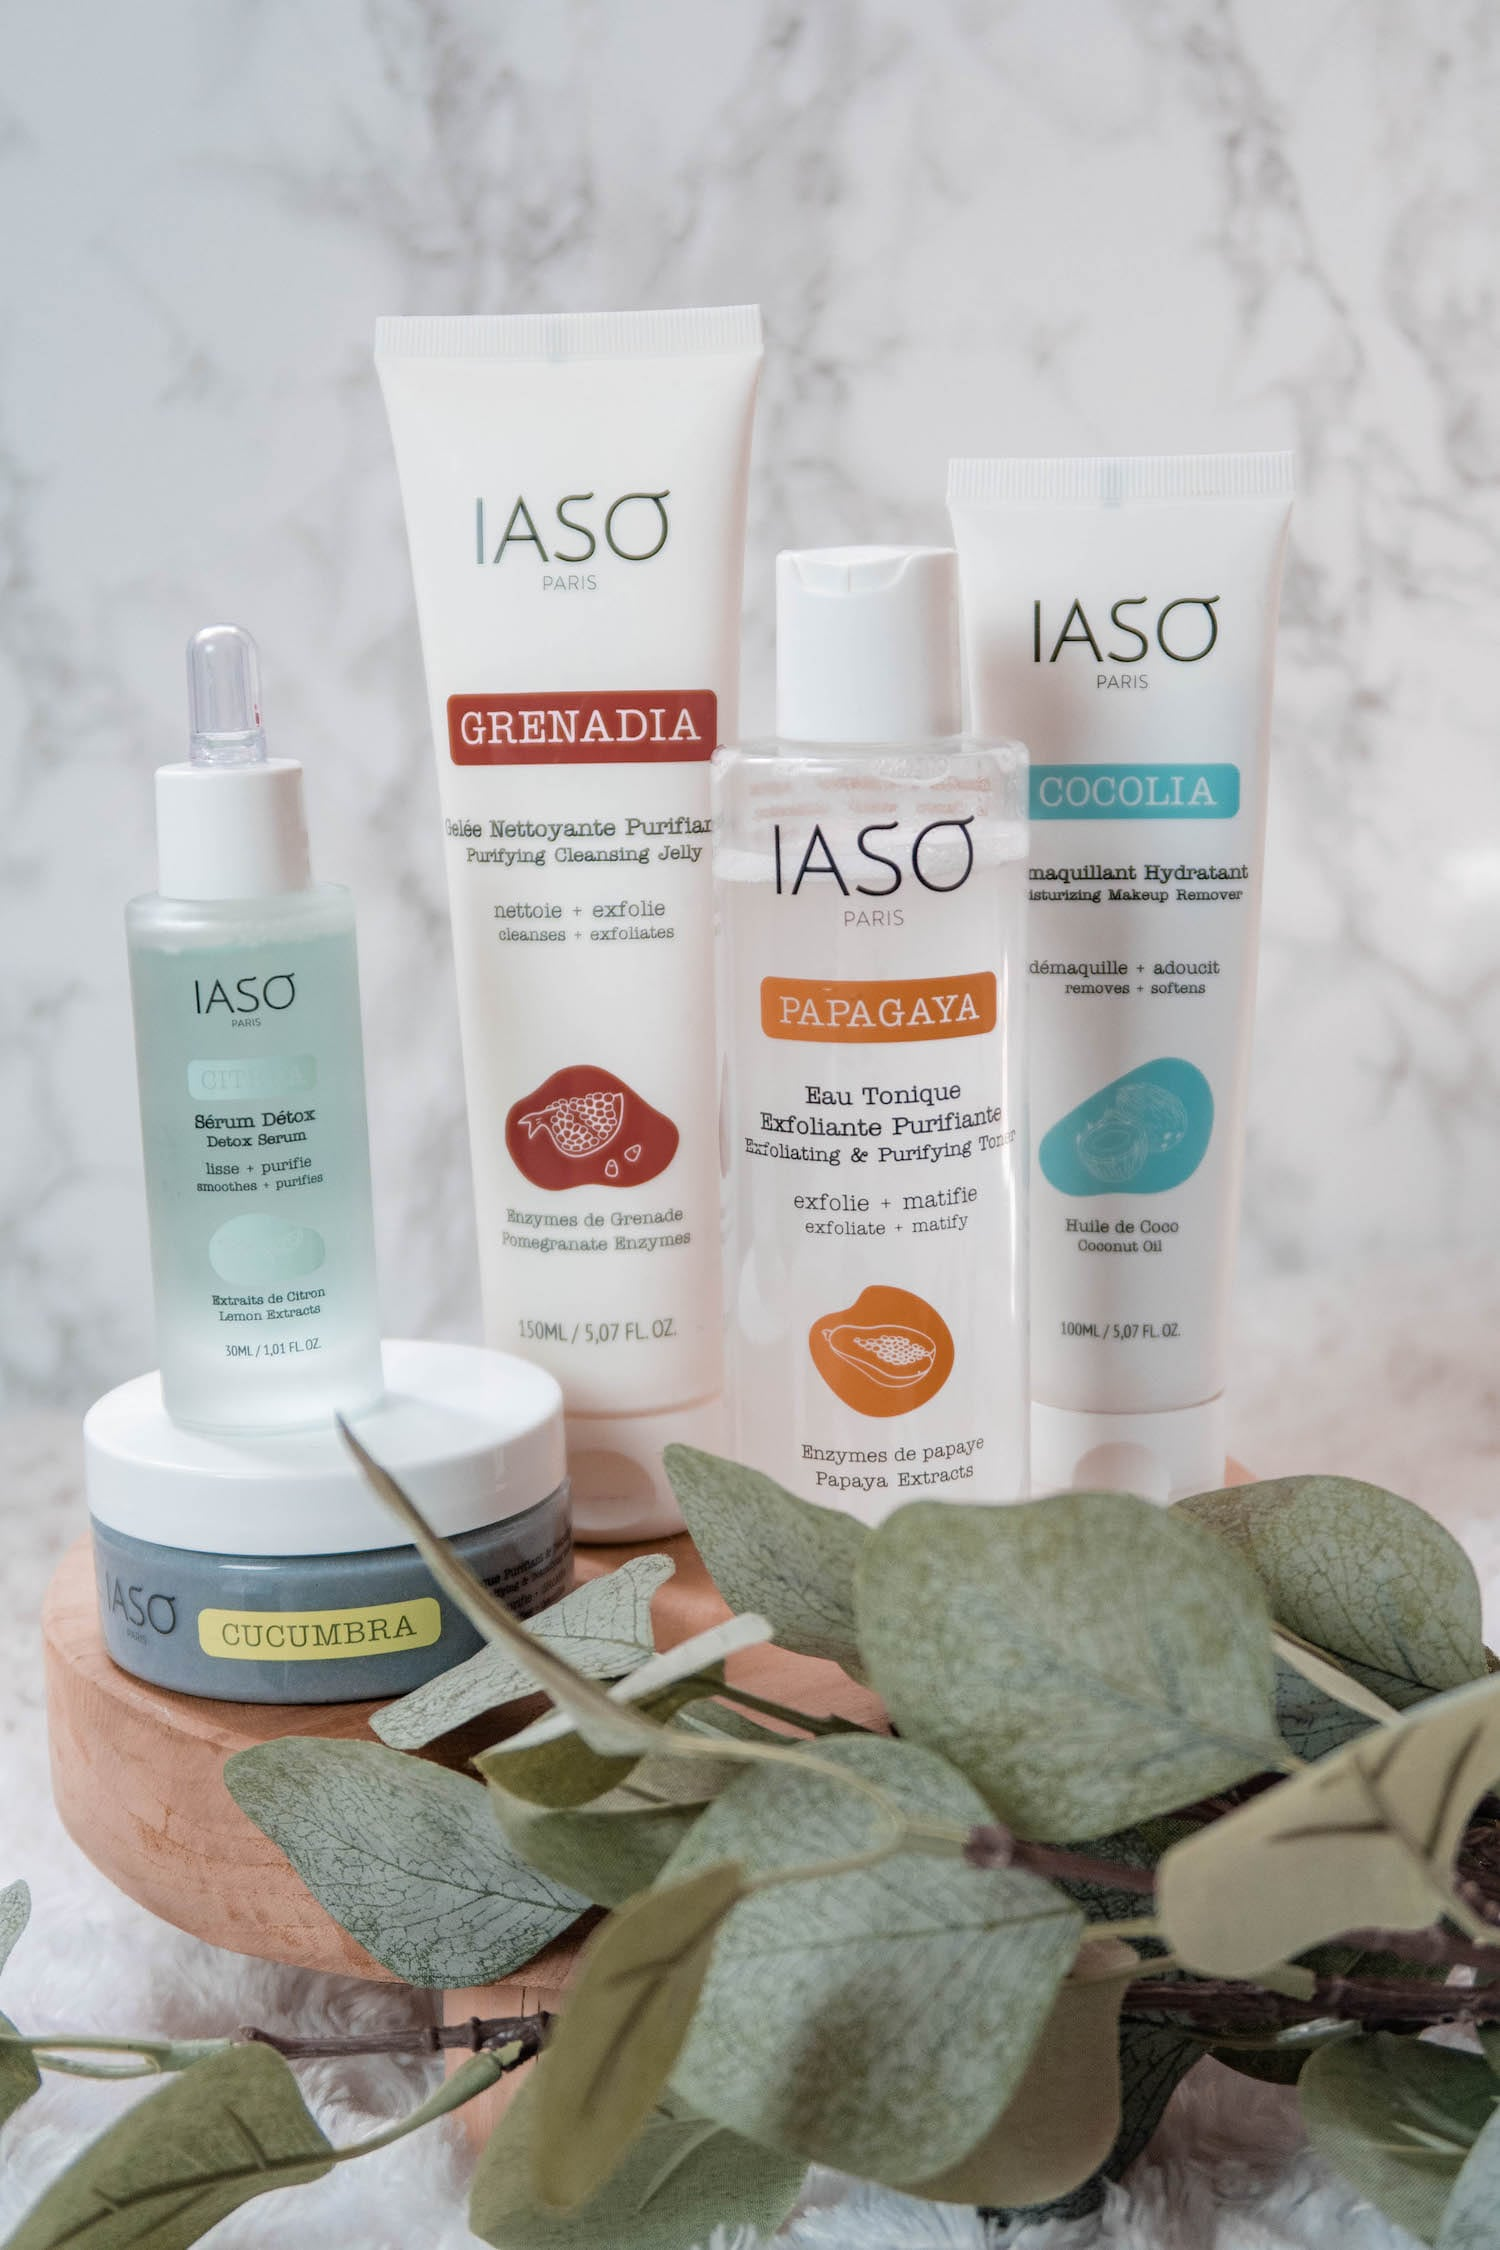 Des soins fruités pour la peau avec Iaso Paris - Revue beauté top ou flop ? - HappinessCoco.com